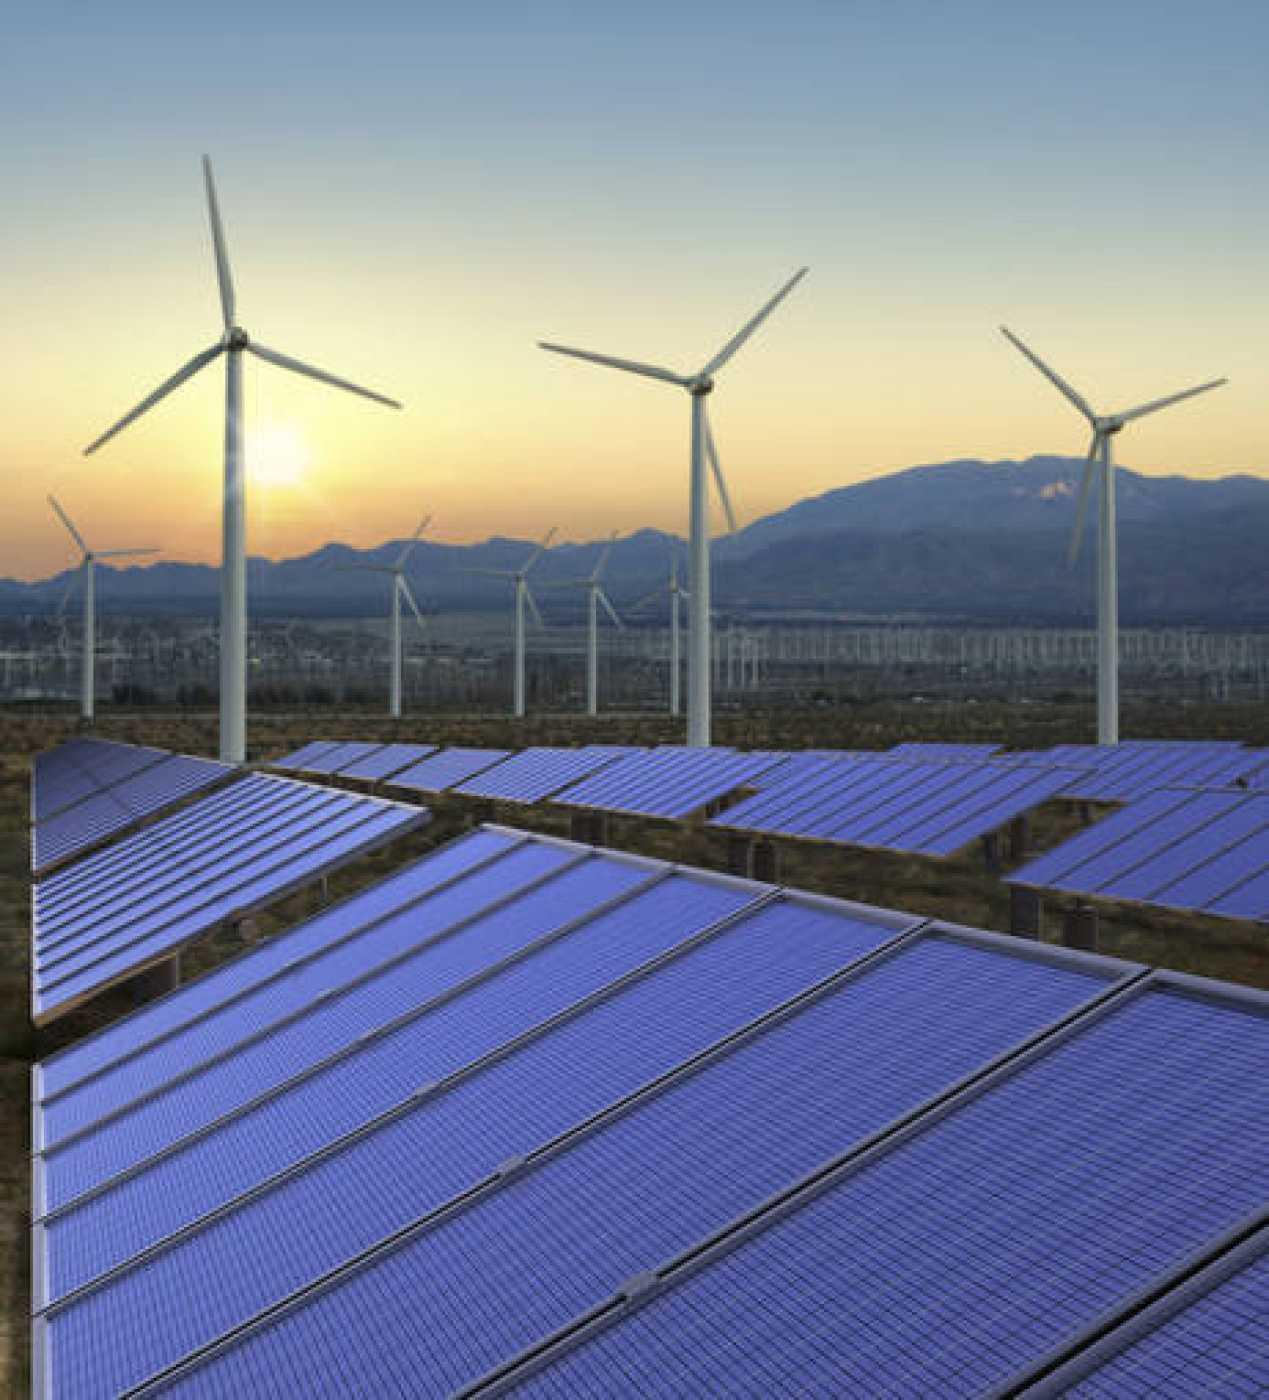 Imágenes de paneles solares y molinos de viento